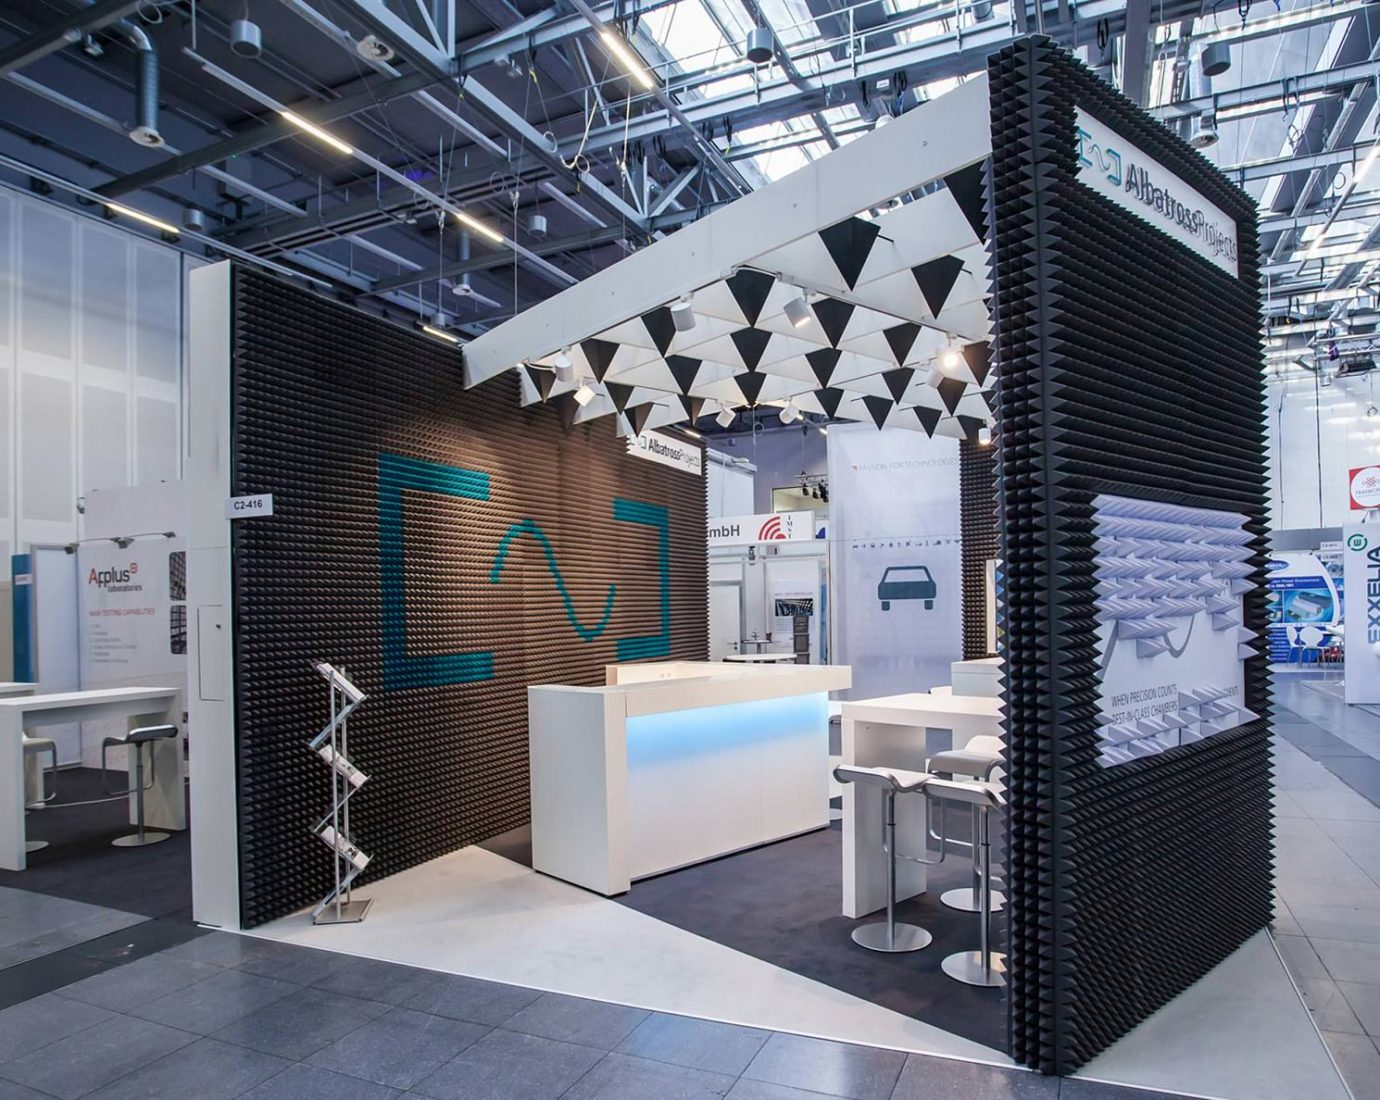 DIMAH Messe + Event für perfekte Markenkommunikation und Markenräume